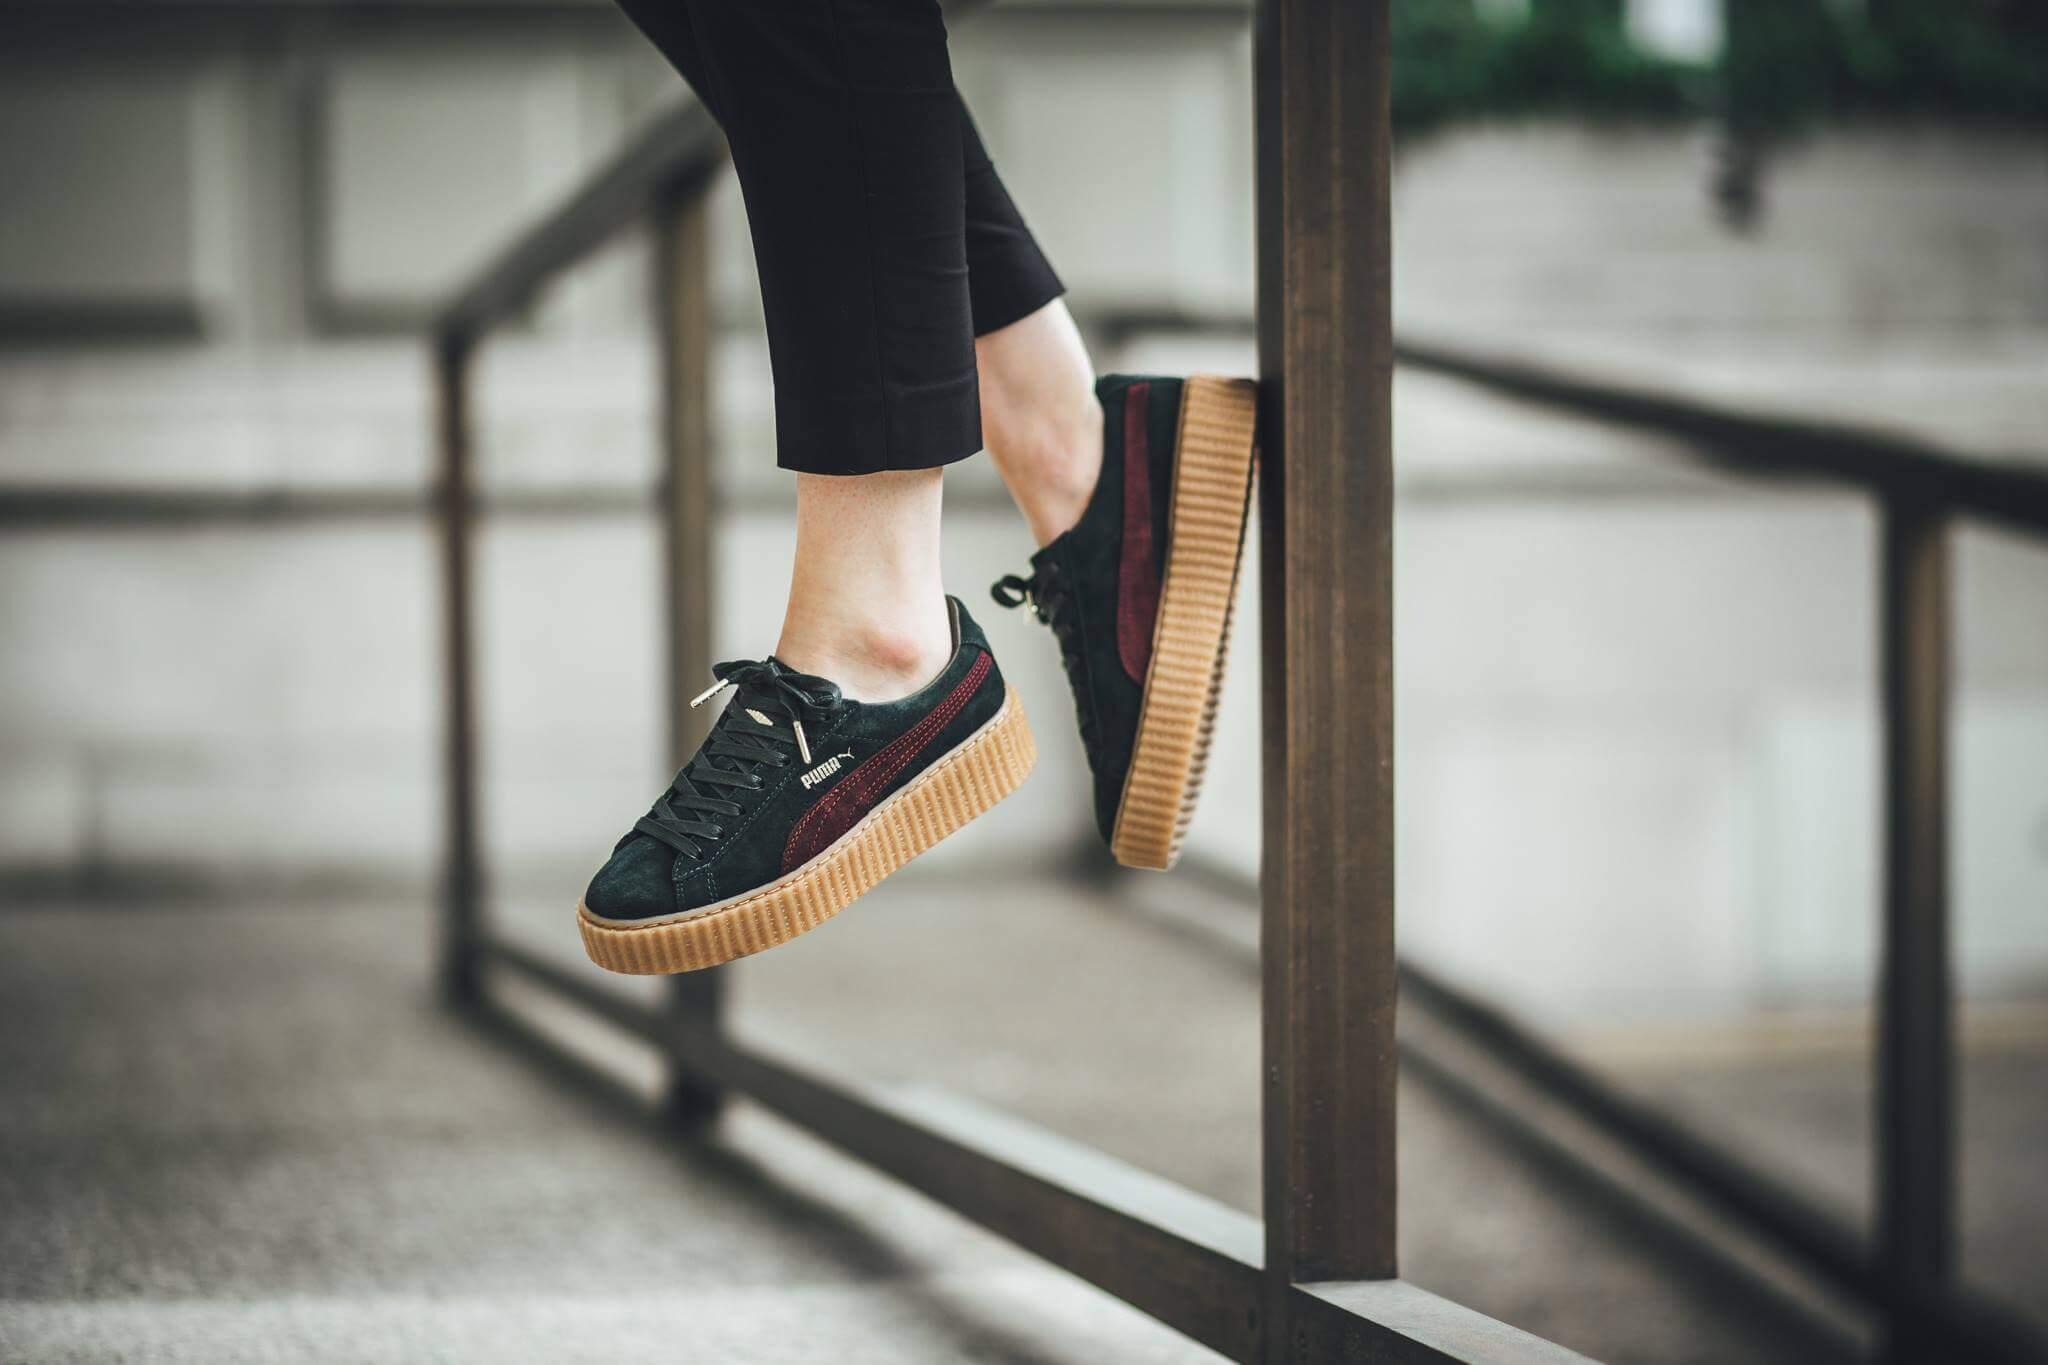 Если описывать кроссовки детально, отметим, что на сзади и боковой части  изделия имеют фирменный логотип PUMA, на язычке же и пятке красуется знак  PUMA ... df3eb850468